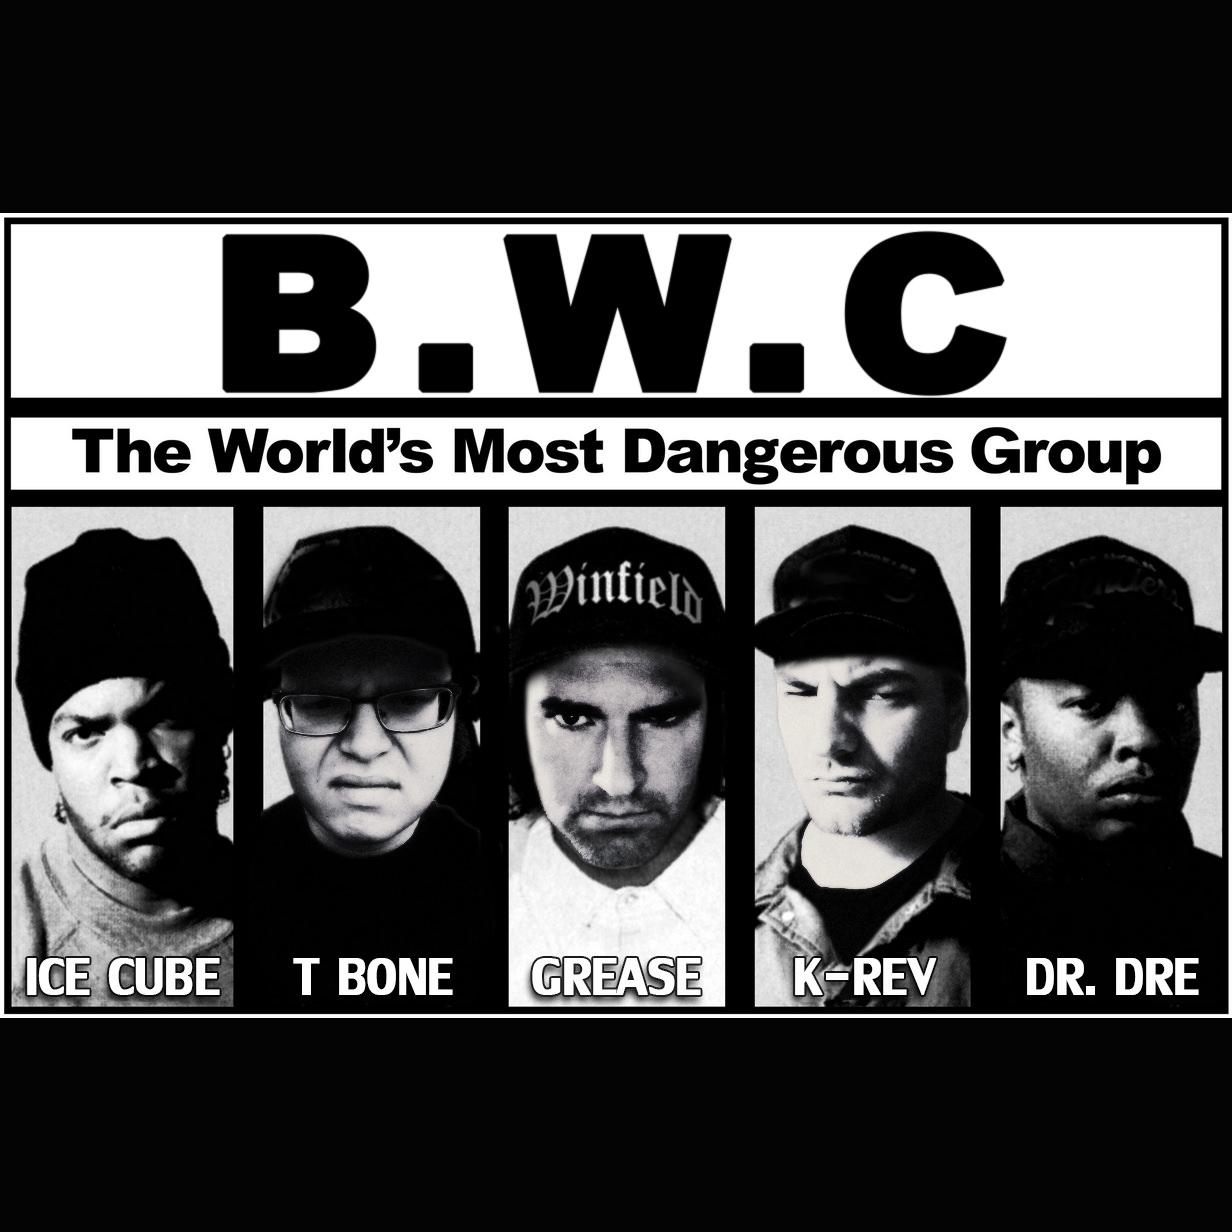 BWC-nwa.jpg